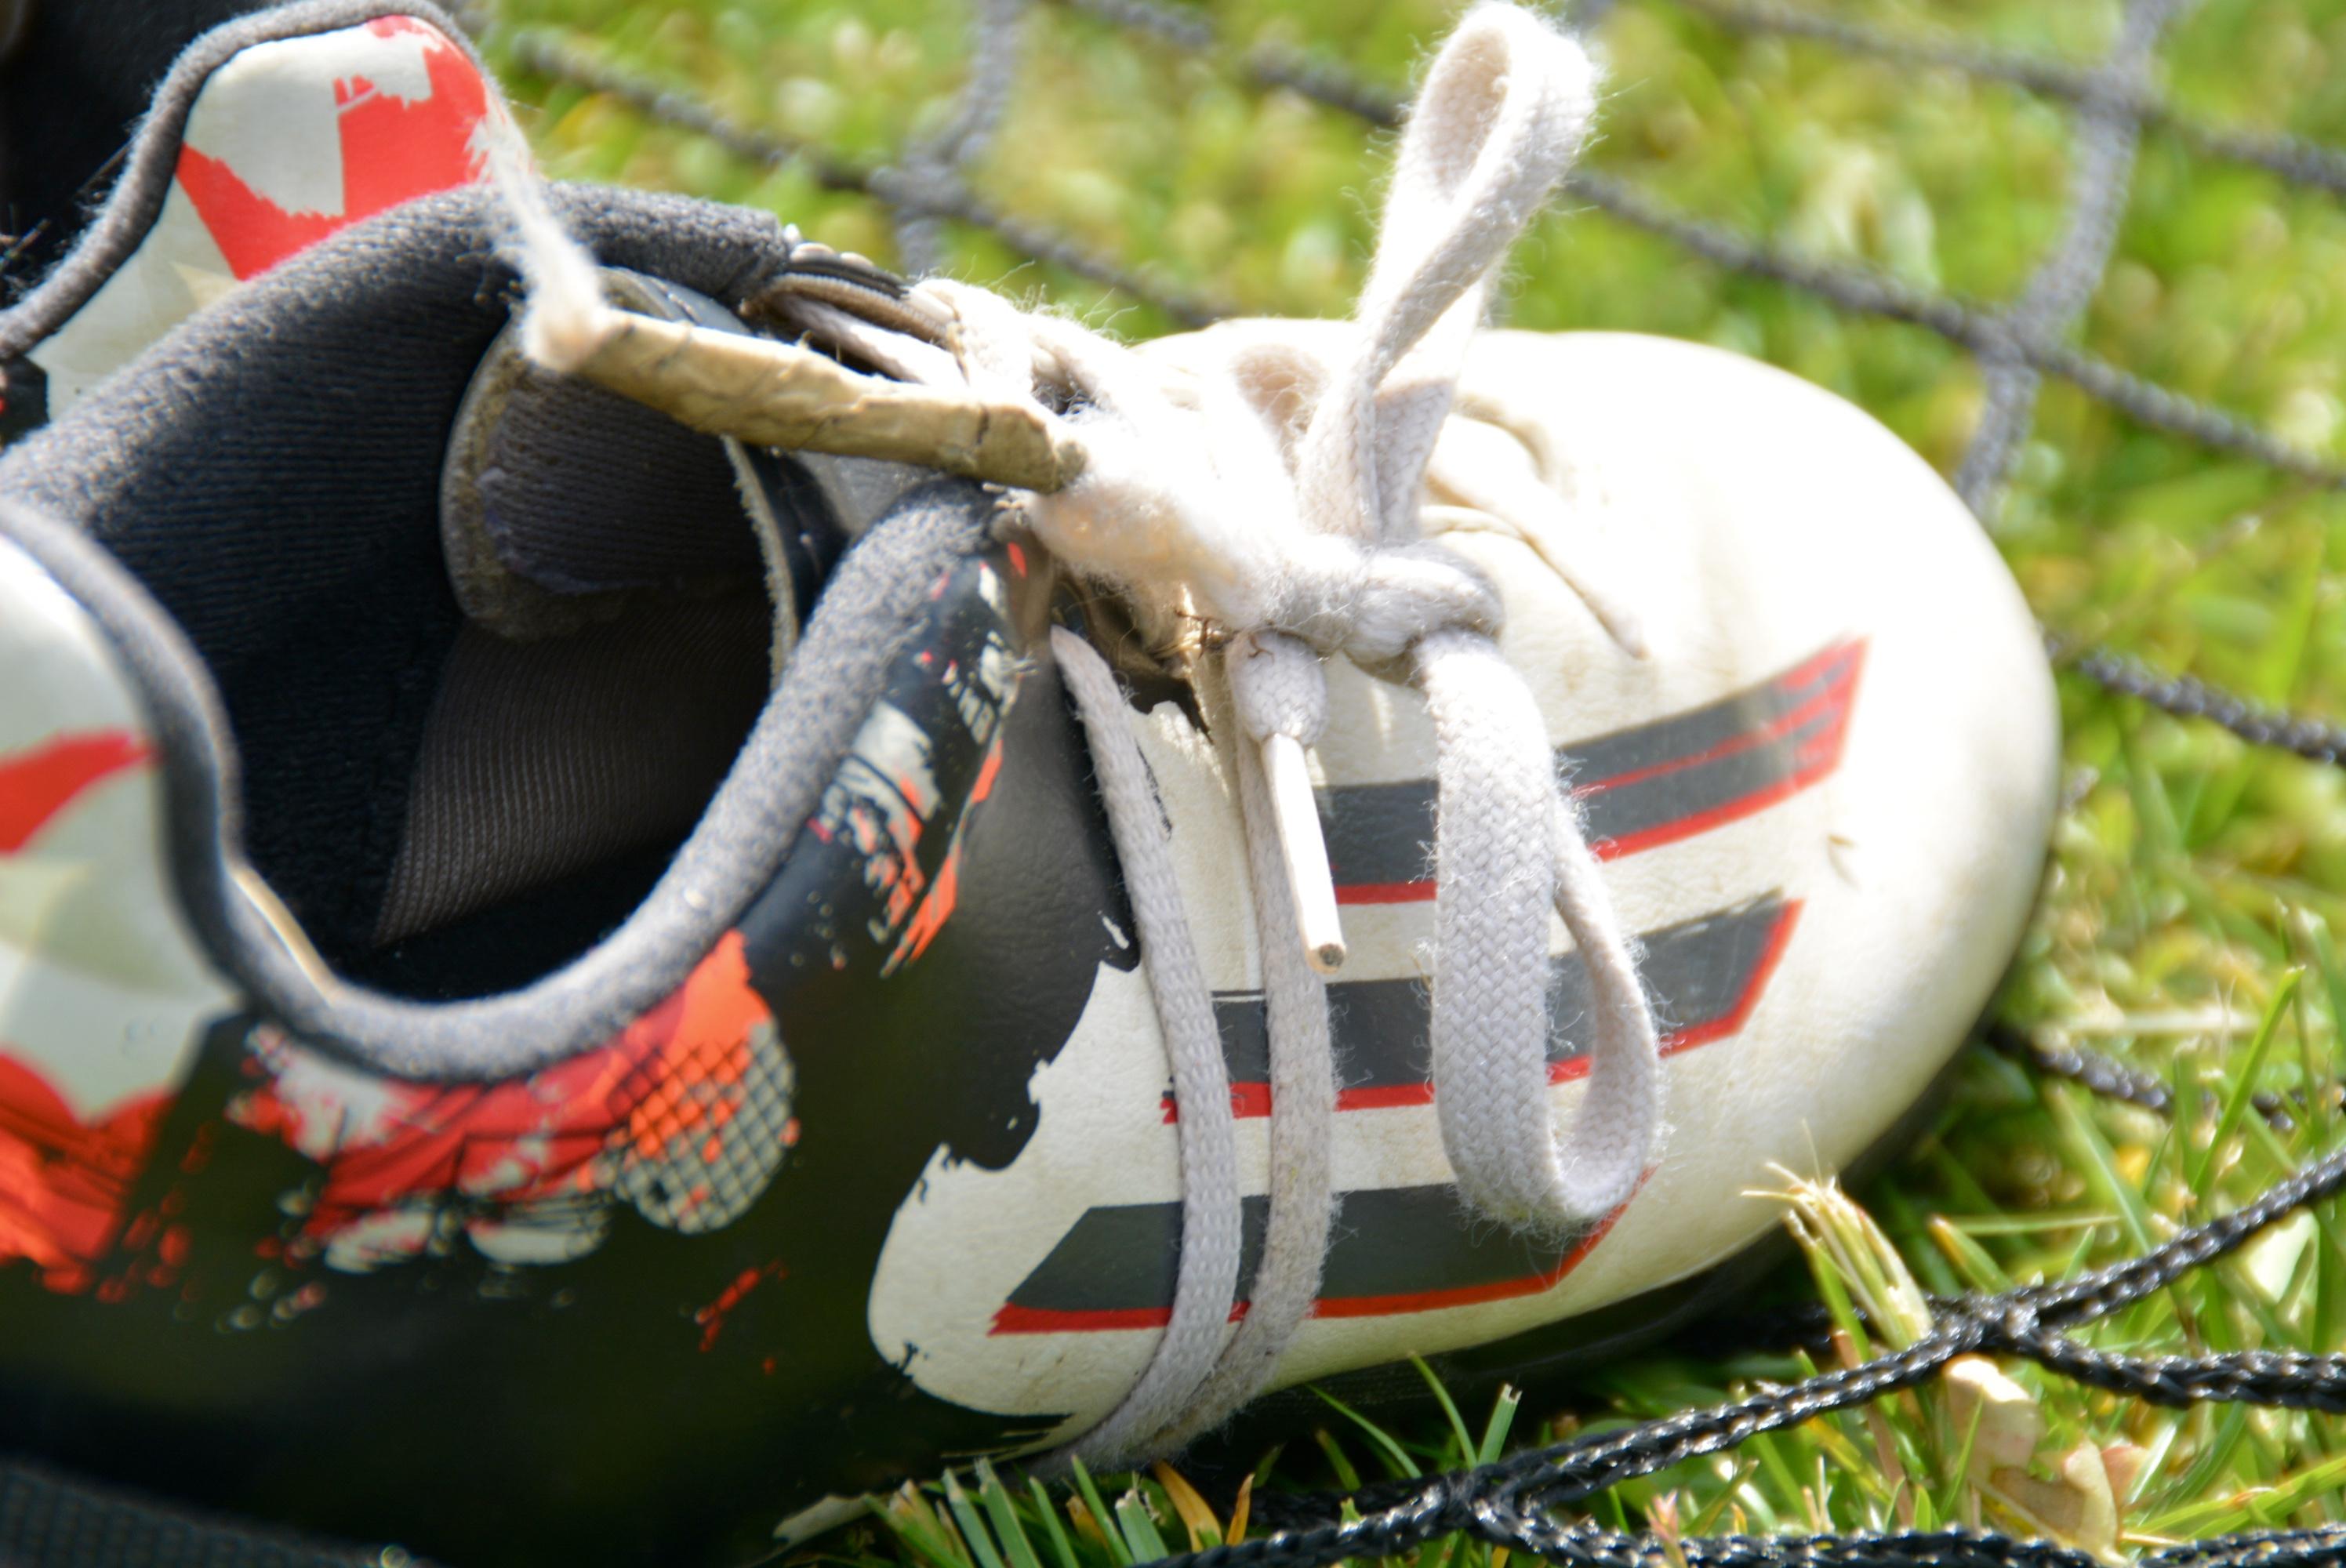 fotballsko med knyting rundt skoen